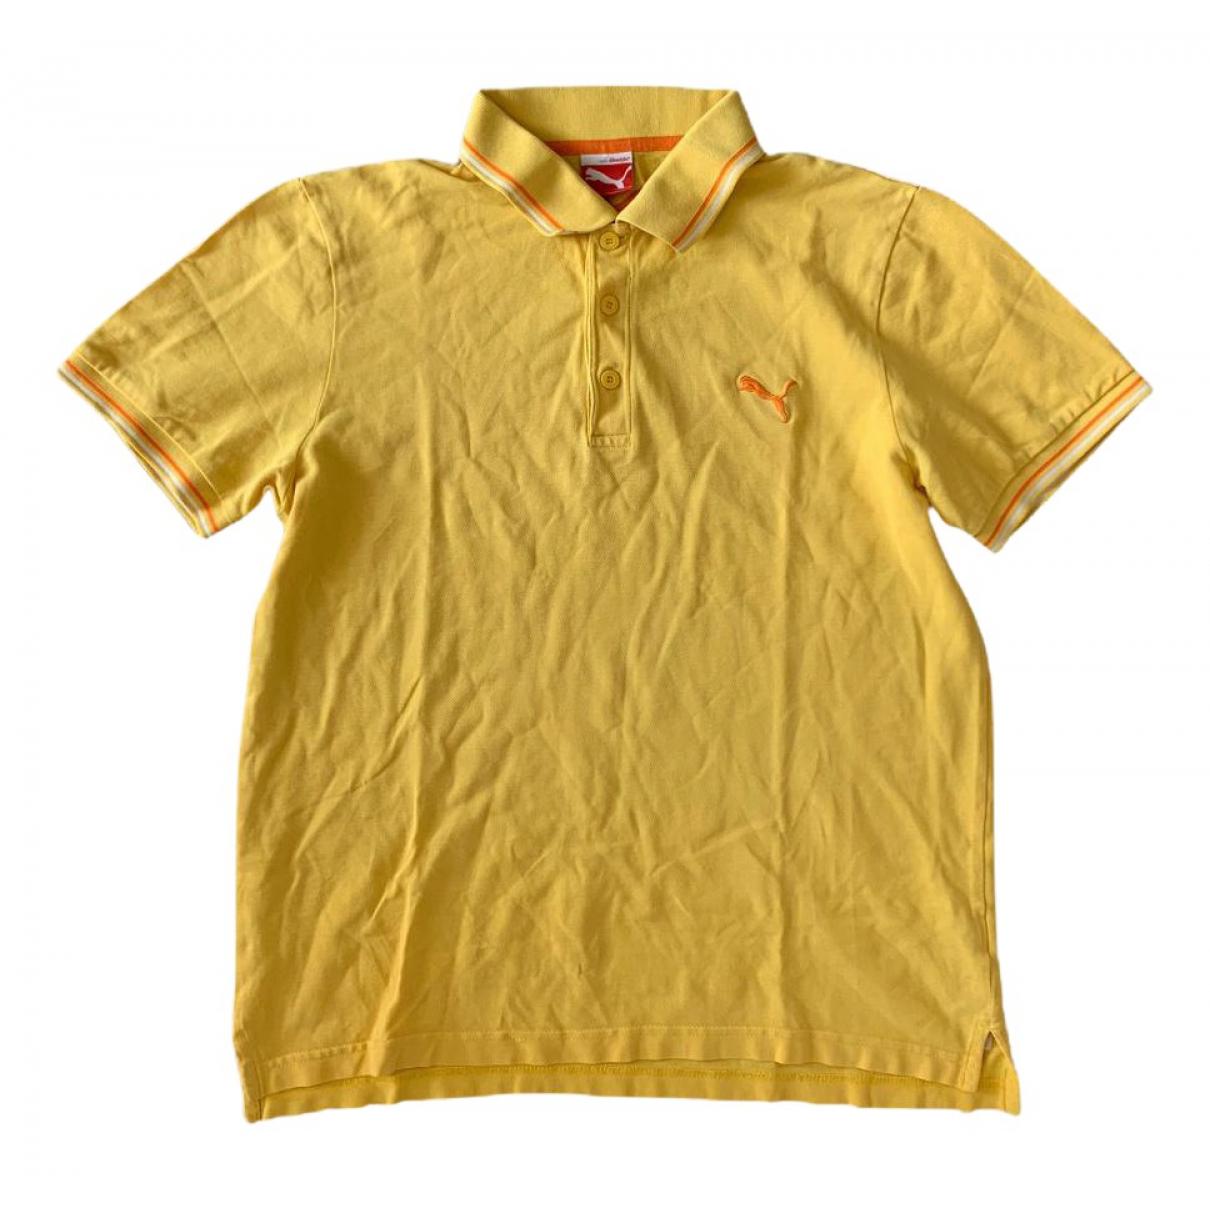 Puma \N Poloshirts in  Gelb Baumwolle